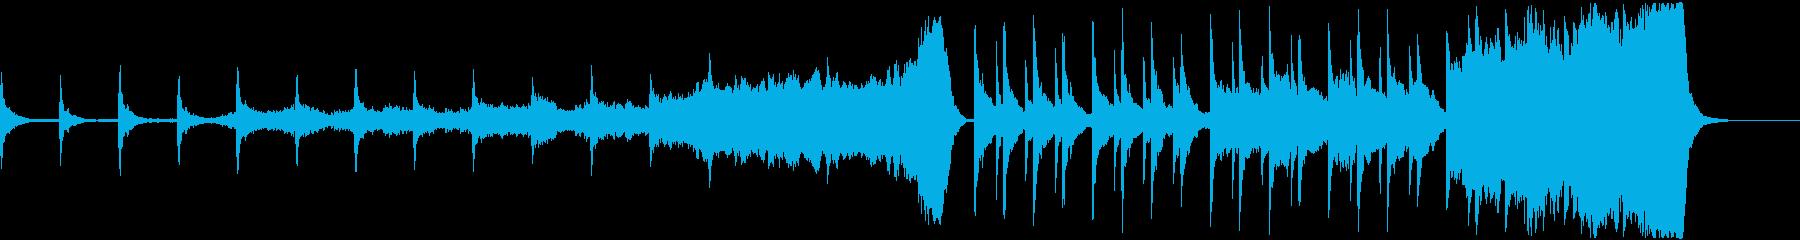 ゆったりとした透明感のある美しい音楽の再生済みの波形